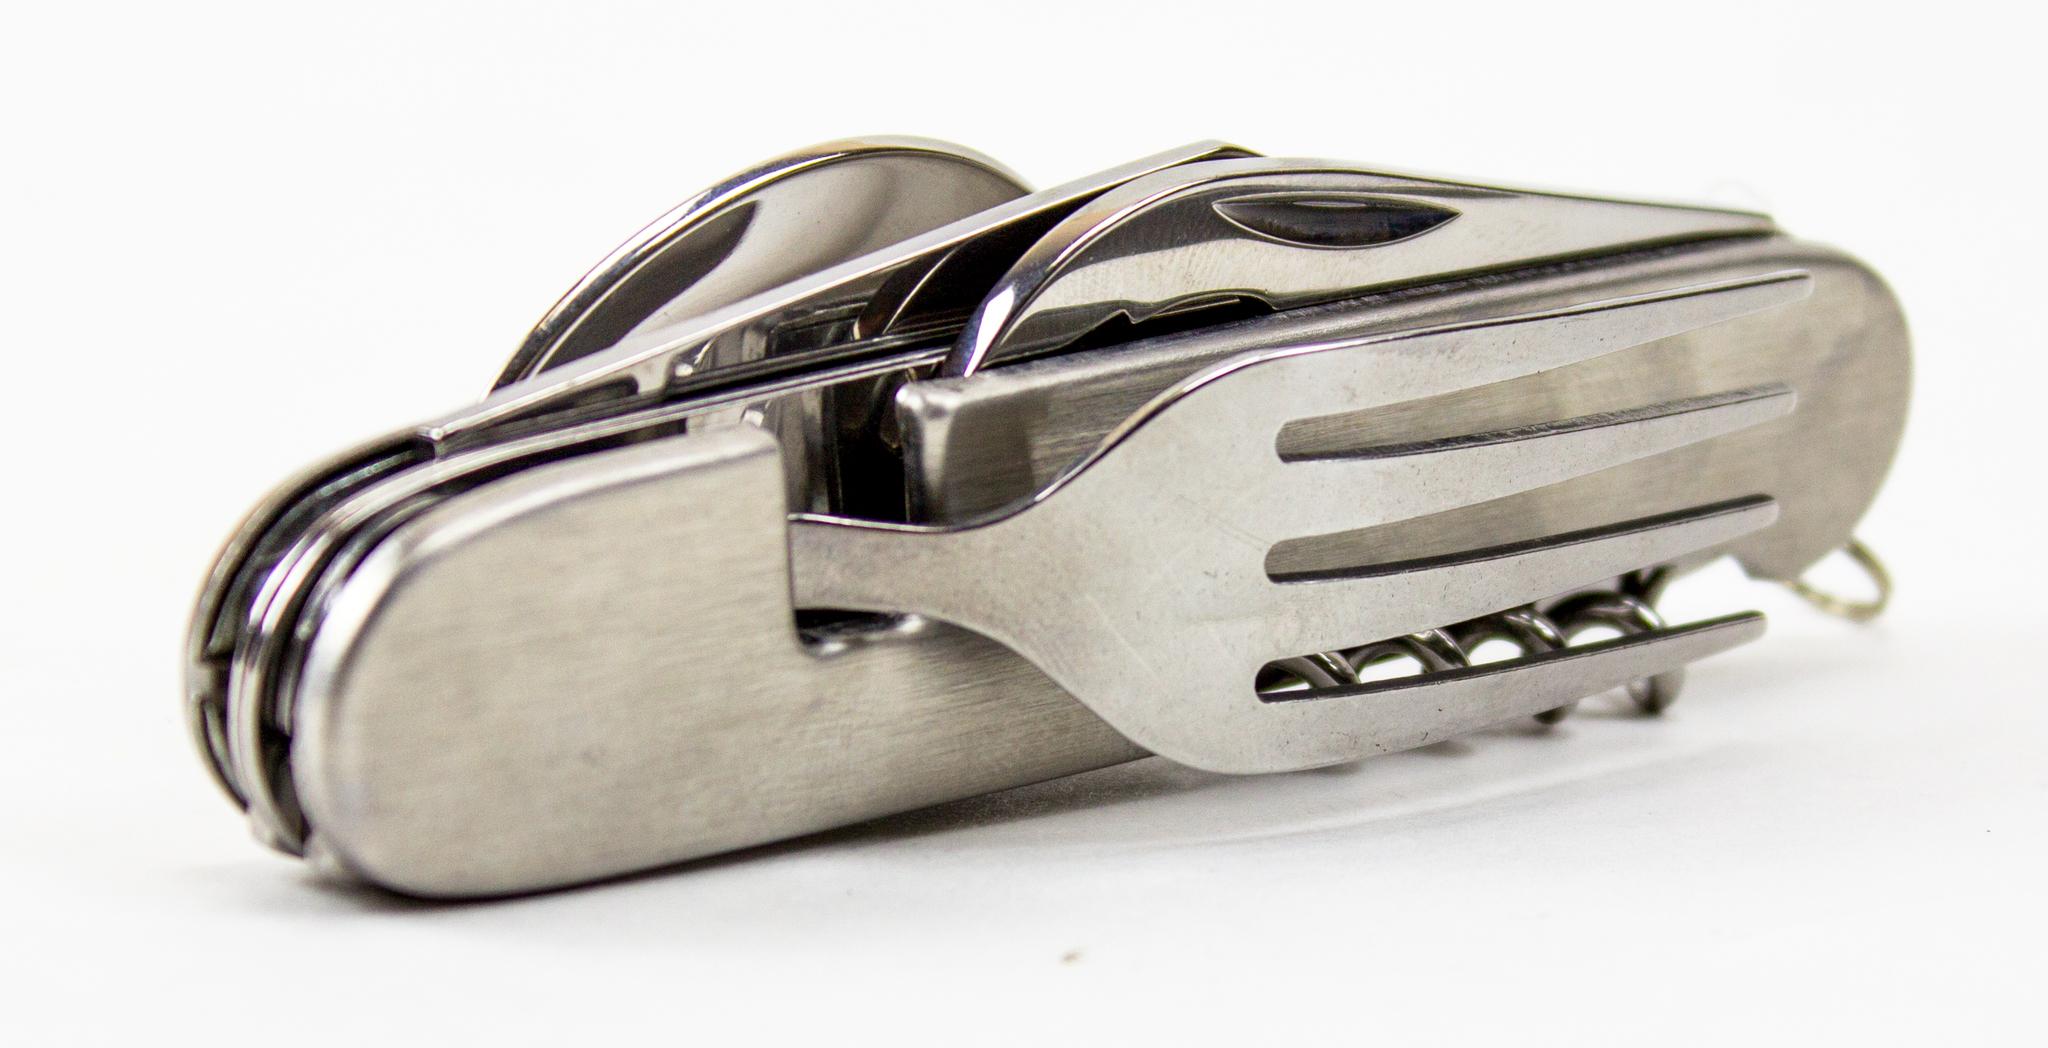 Походный нож 6-в-1, стальной питер мейл французские уроки путешествие с ножом вилкой и штопором